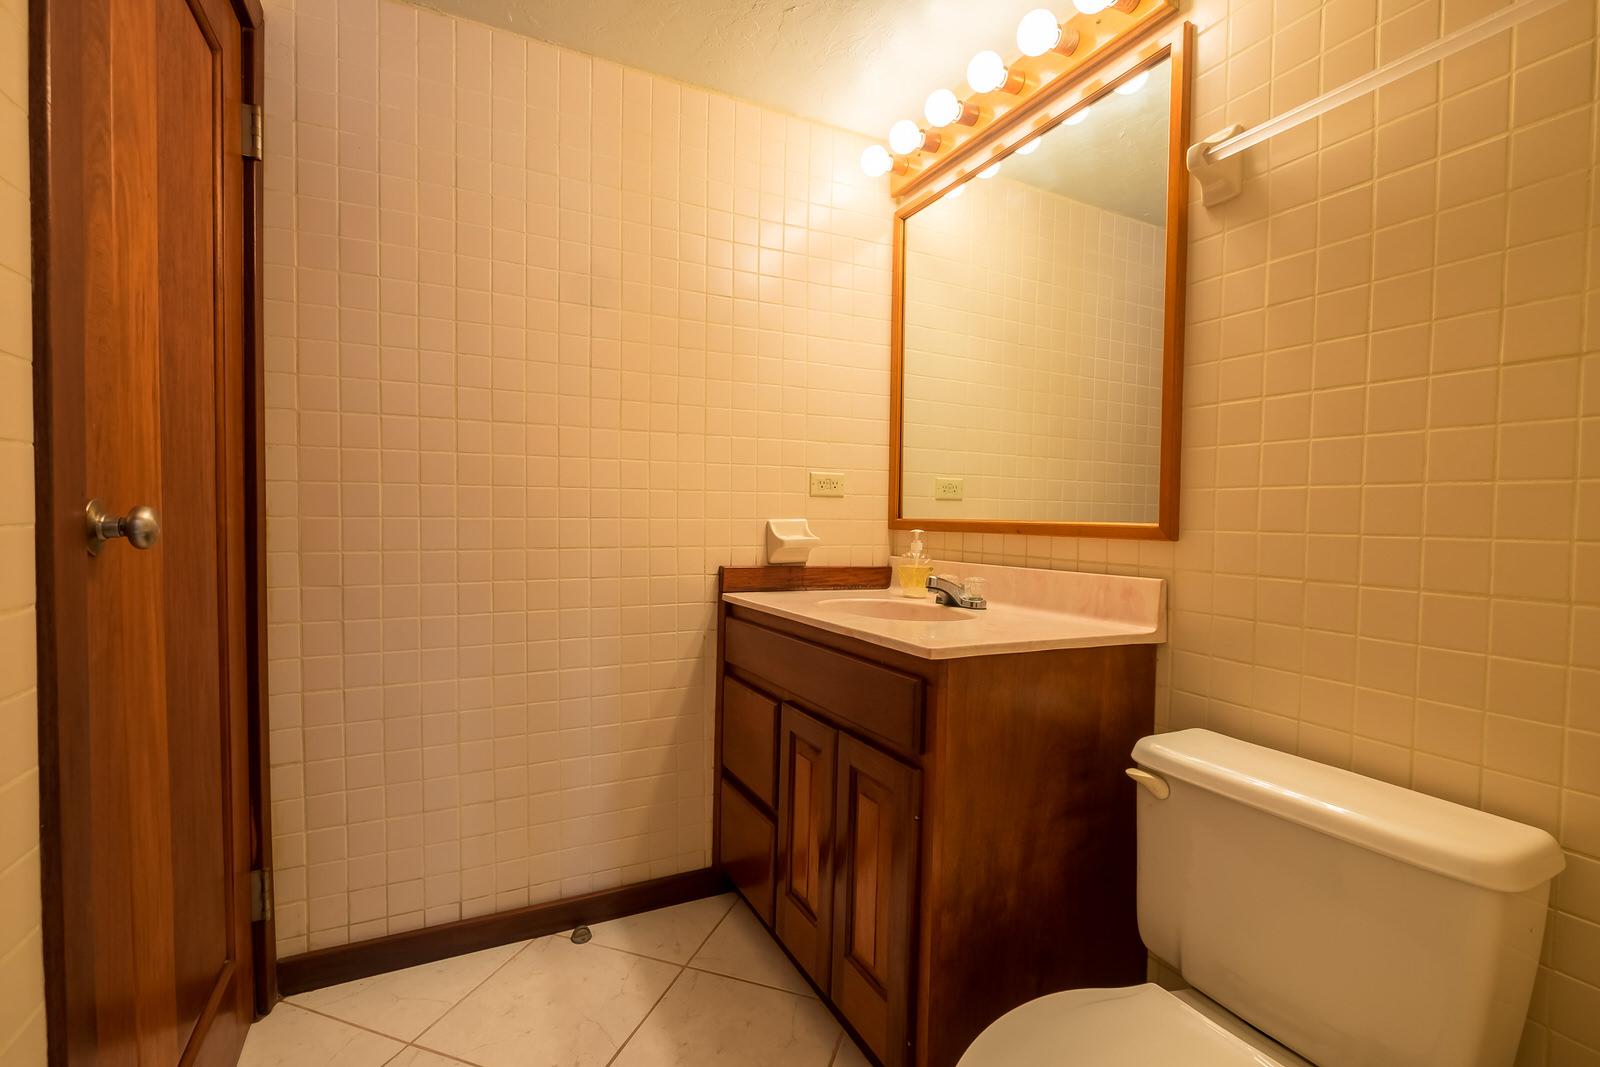 Royal Palm 8c interior-15.jpg